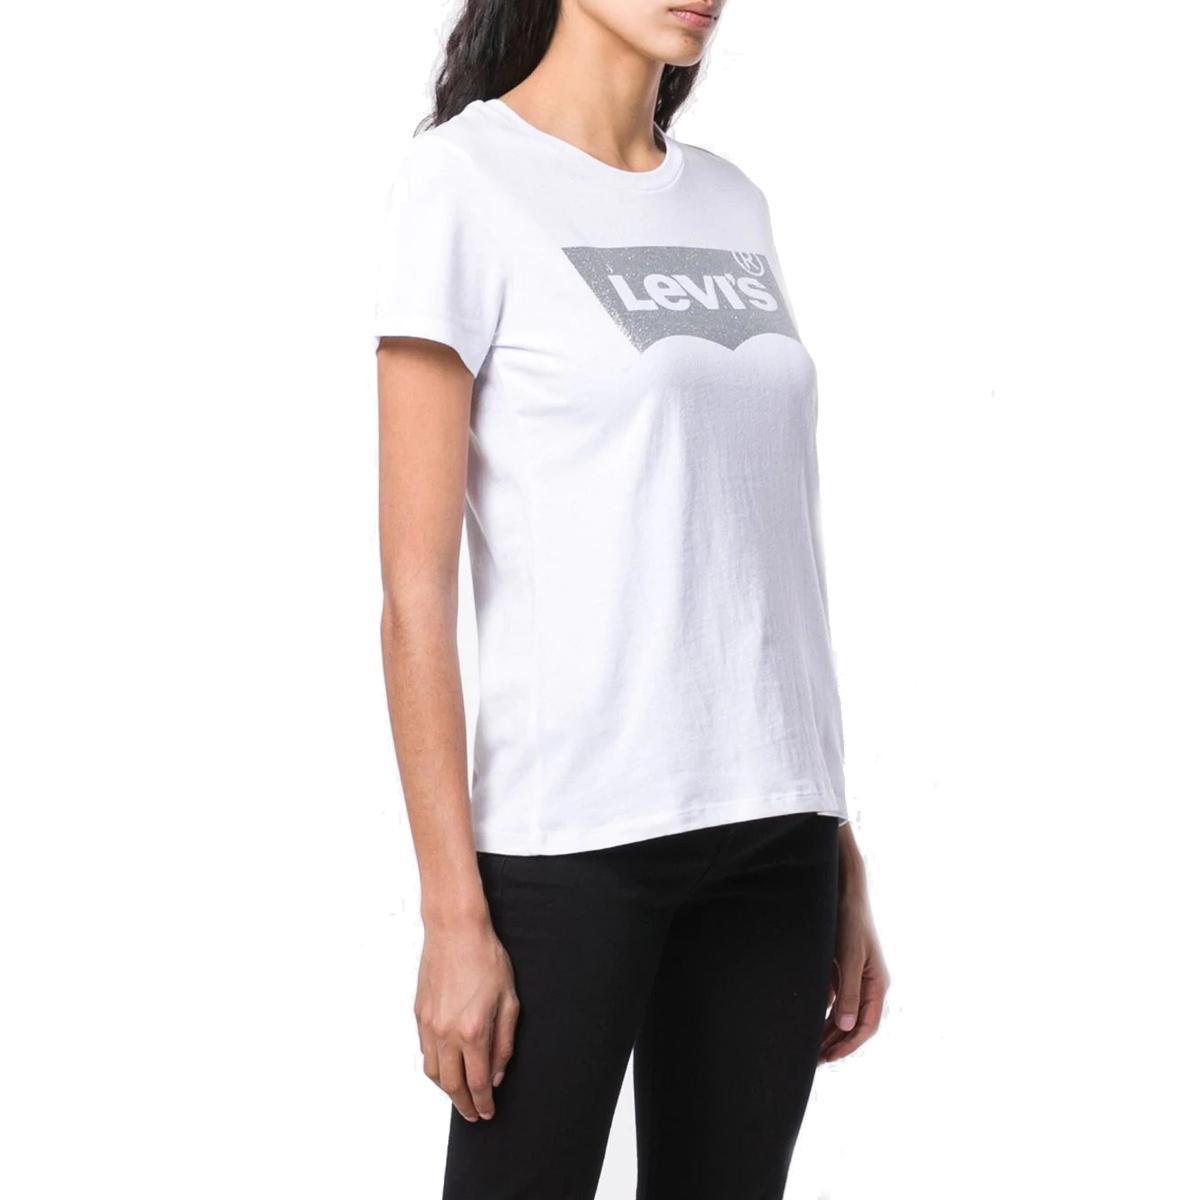 T-shirt con logo Levi's con glitter da donna rif. 17369-0484